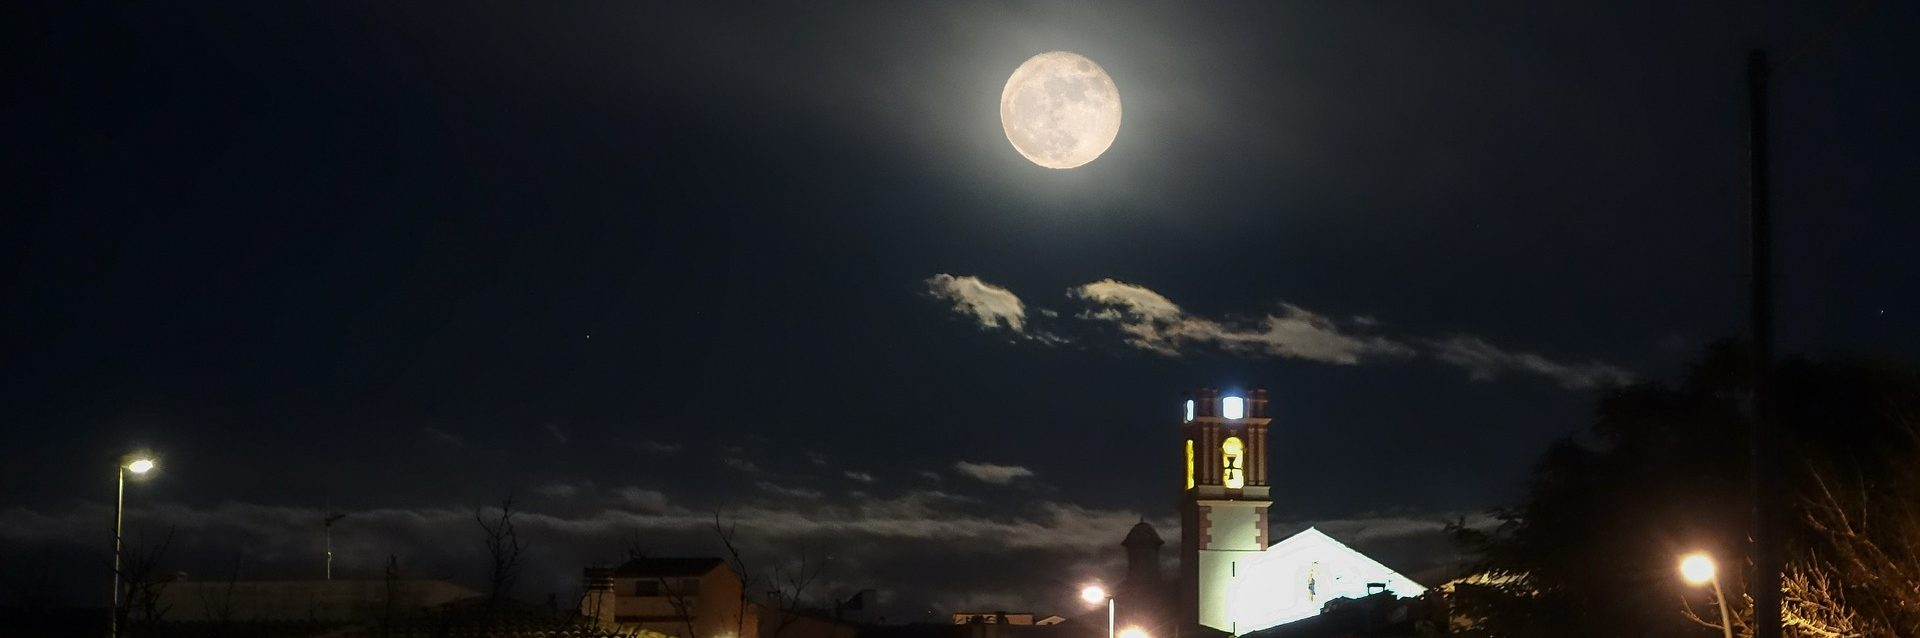 La última noche del verano es un relato escrito por Miguel Rodríguez Echeandía sobre las tertulias en la calle en los pueblos en verano.